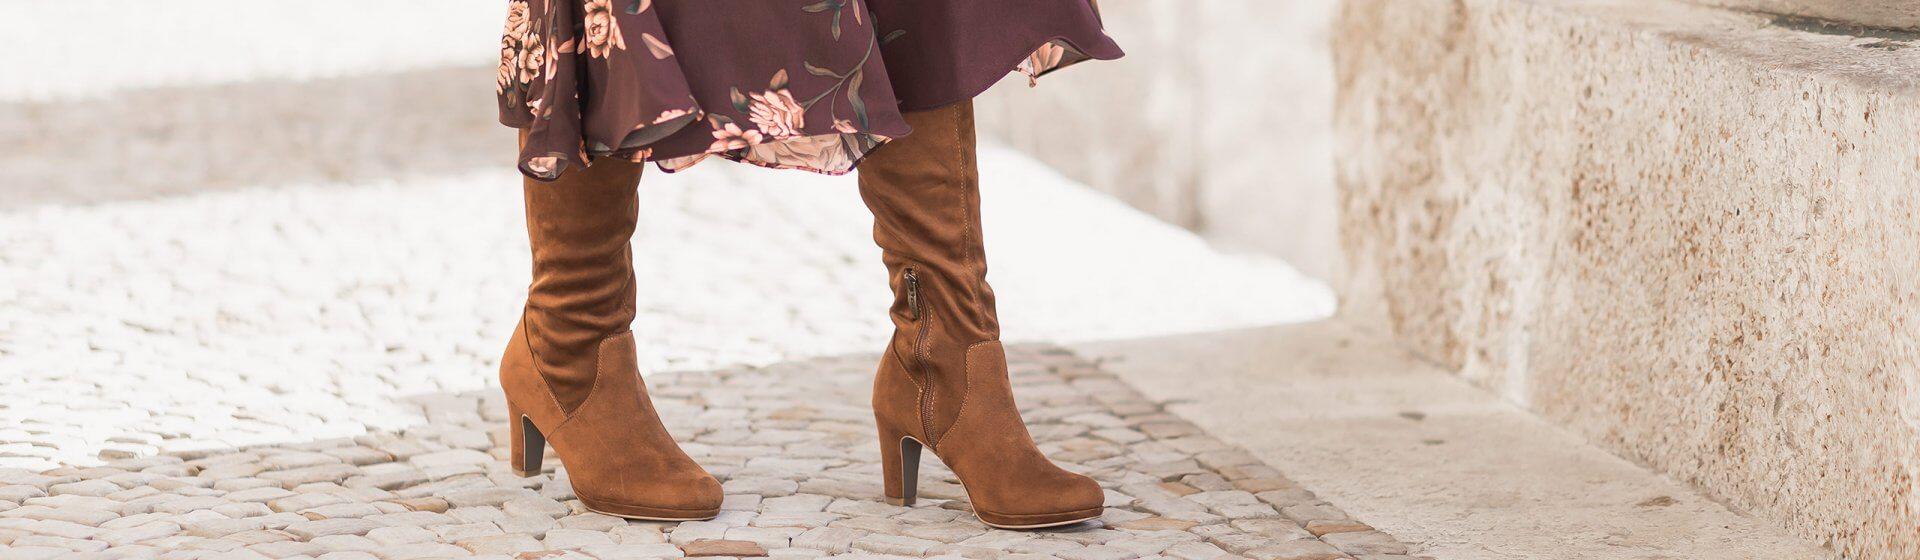 Stiefel Trends 2020, Wildlederstiefel, Shoelove by Deichmann